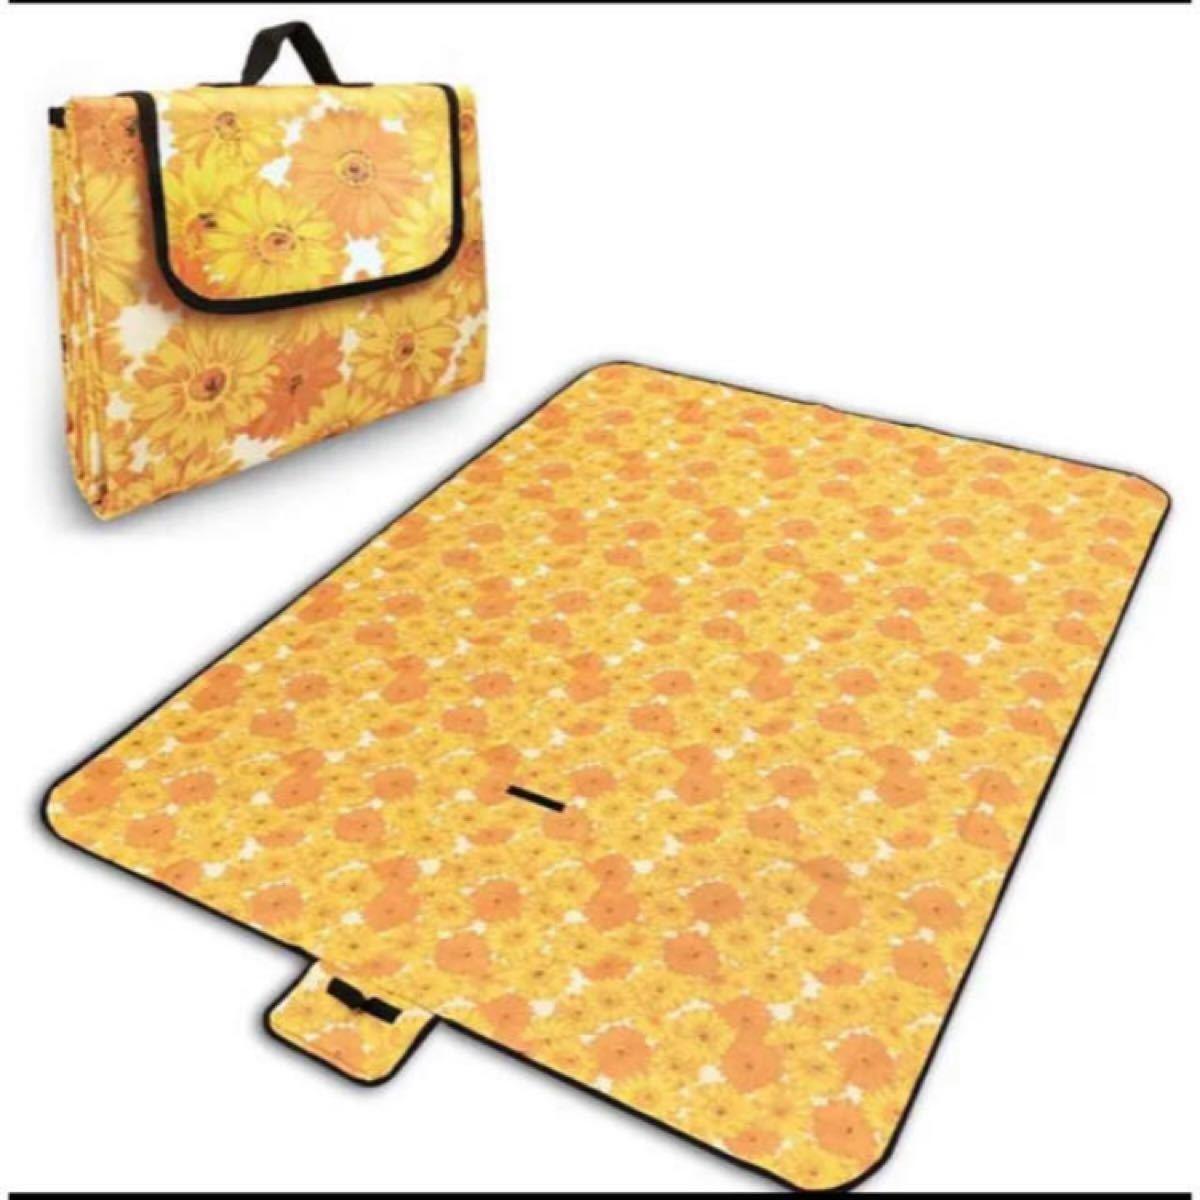 ピクニックマットレジャーシート 広げたサイズ(H×W×D): 200×150cm  使用人数4〜6人